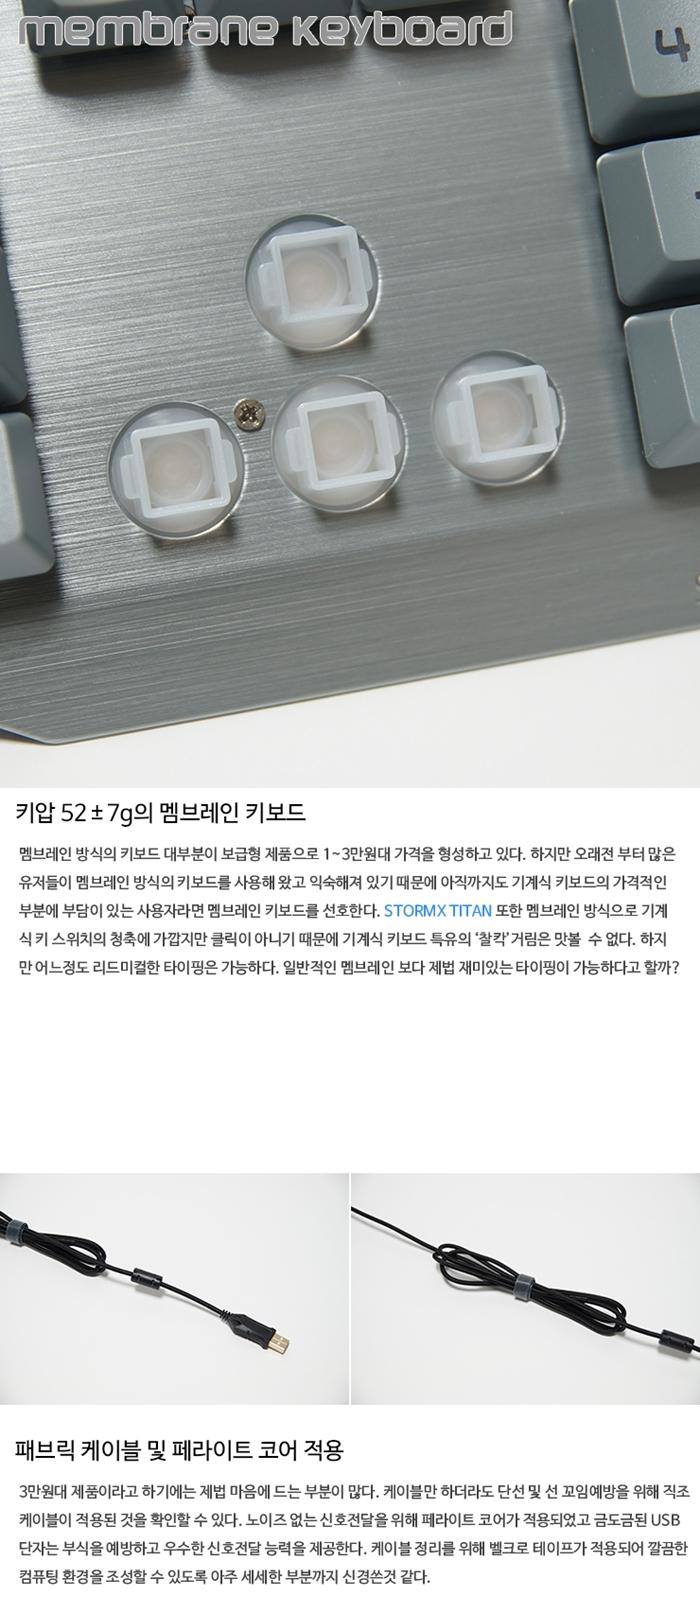 제닉스 키보드 특징2 STORMX TITAN.jpg